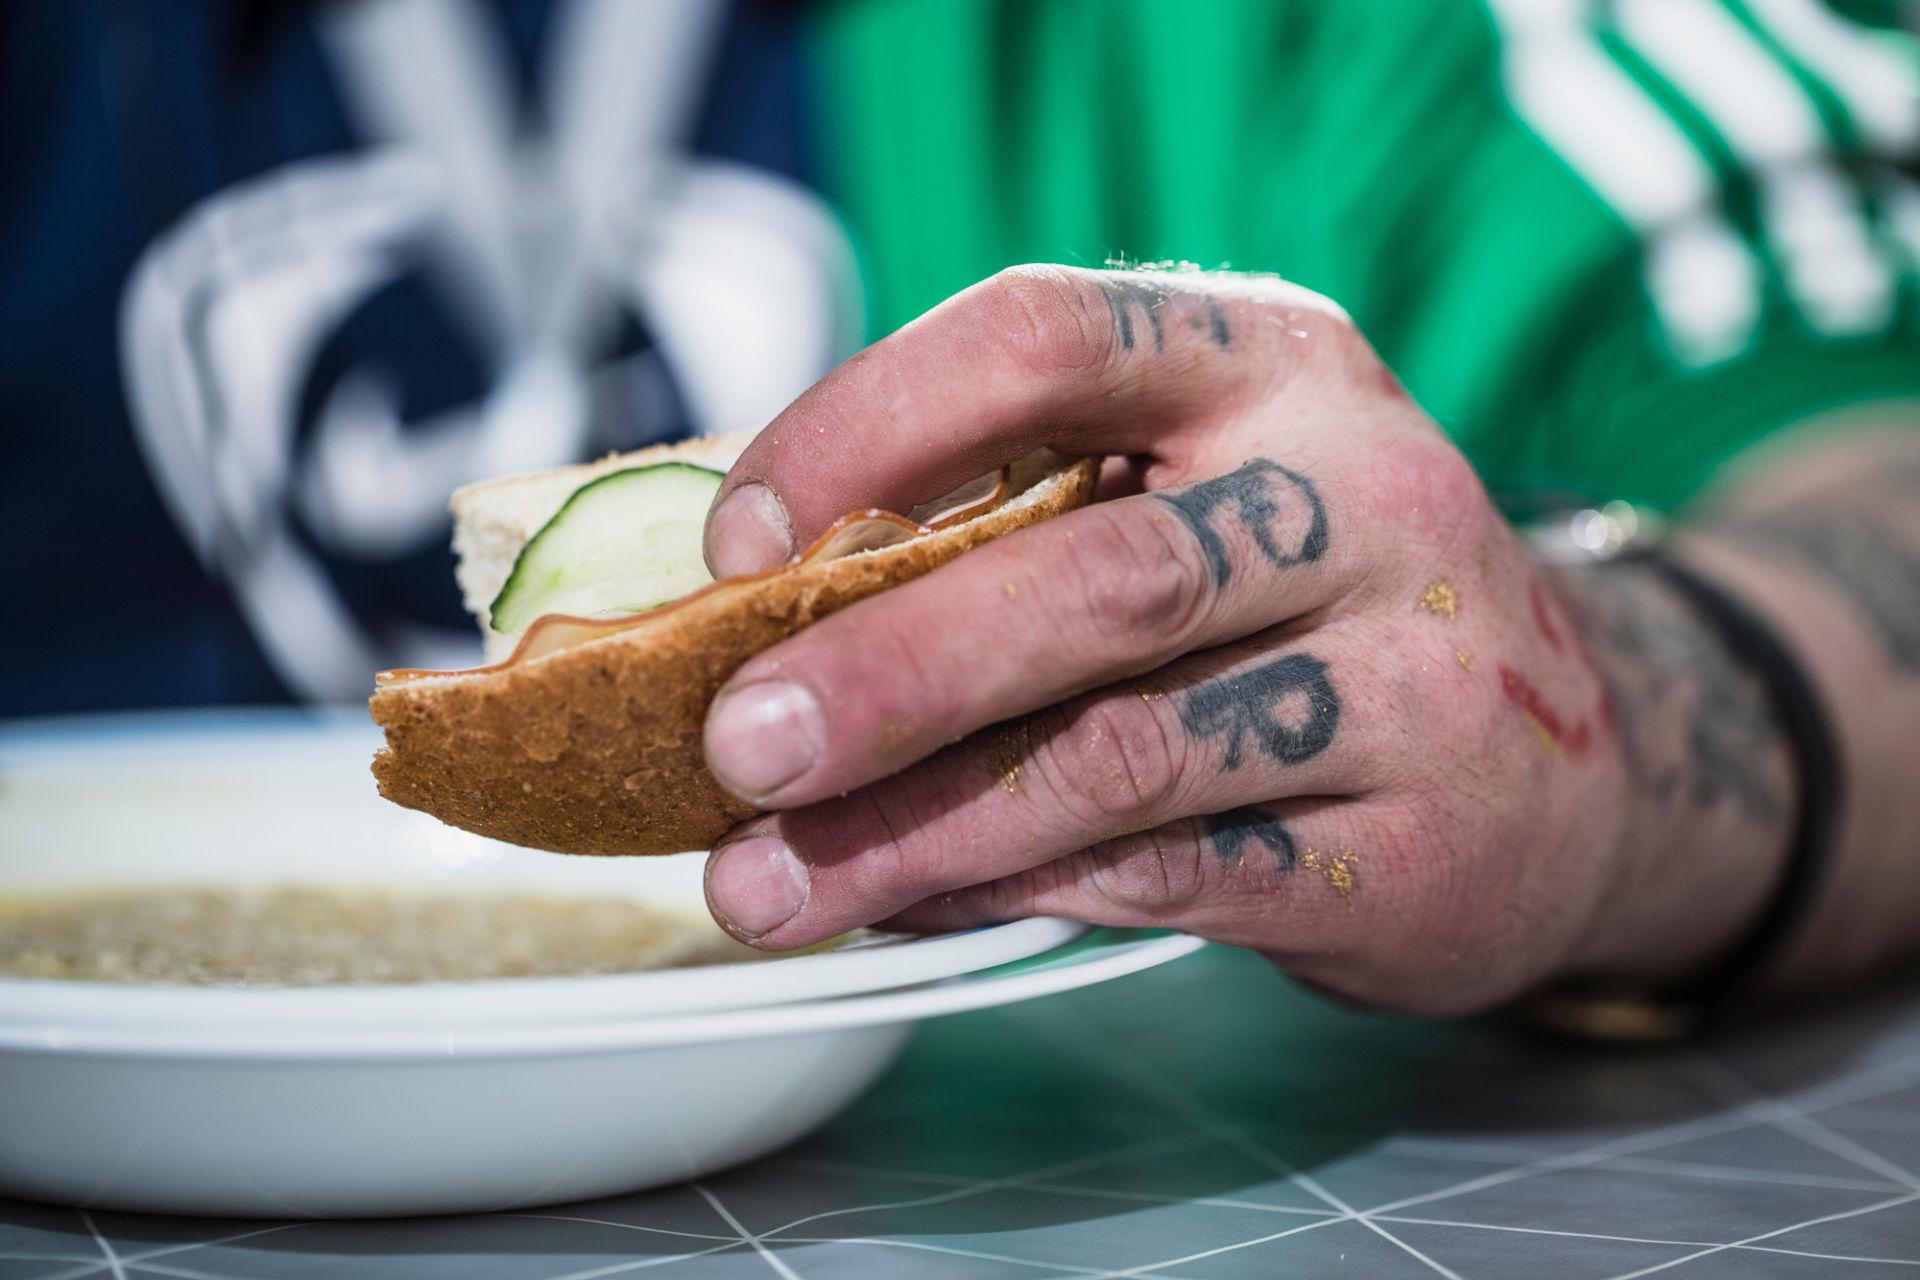 Lähikuva kädestä soppalautasen päällä, pitelee leipää.